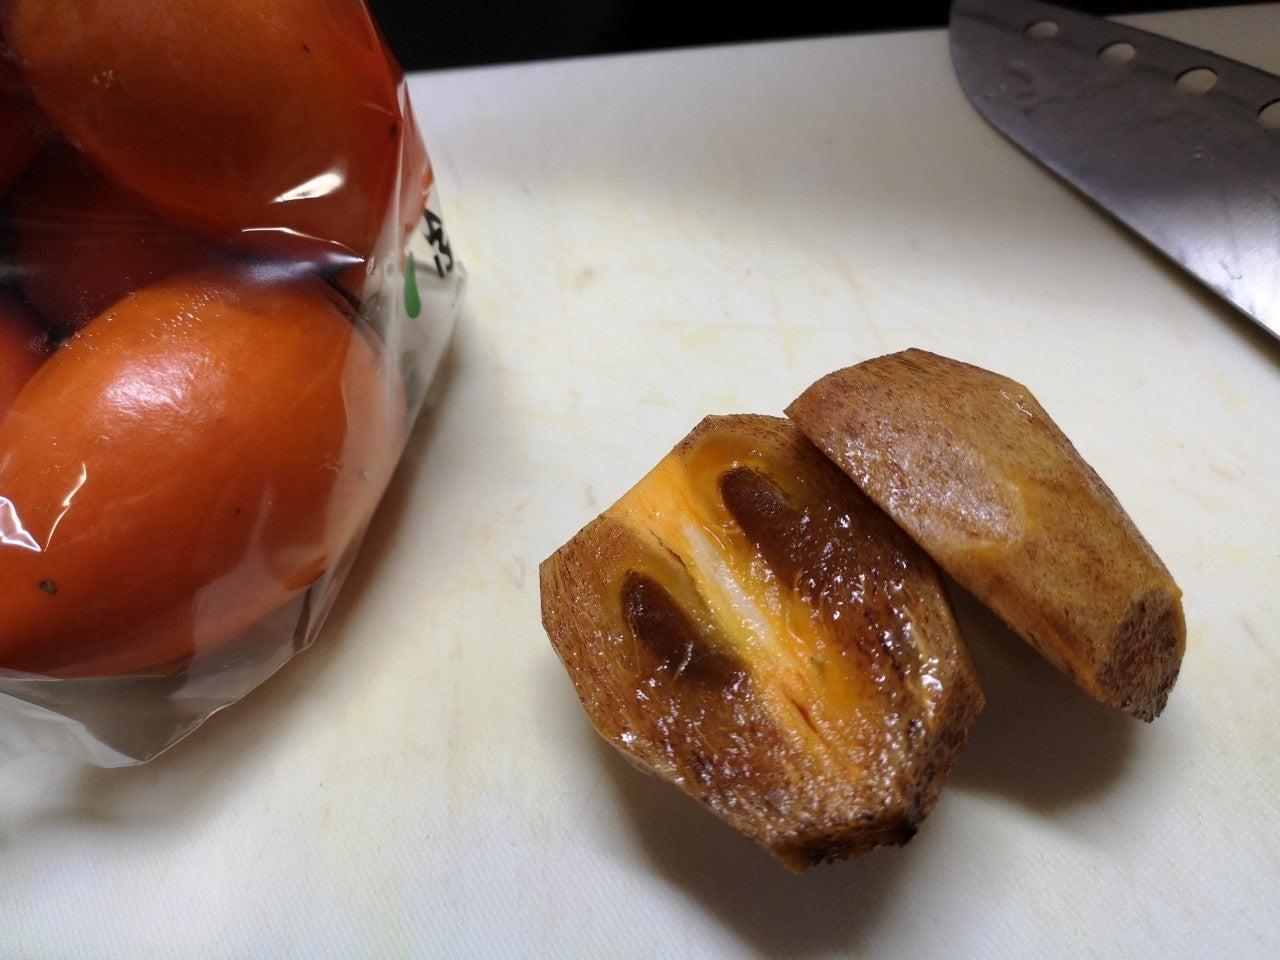 柿 似 てる 漢字